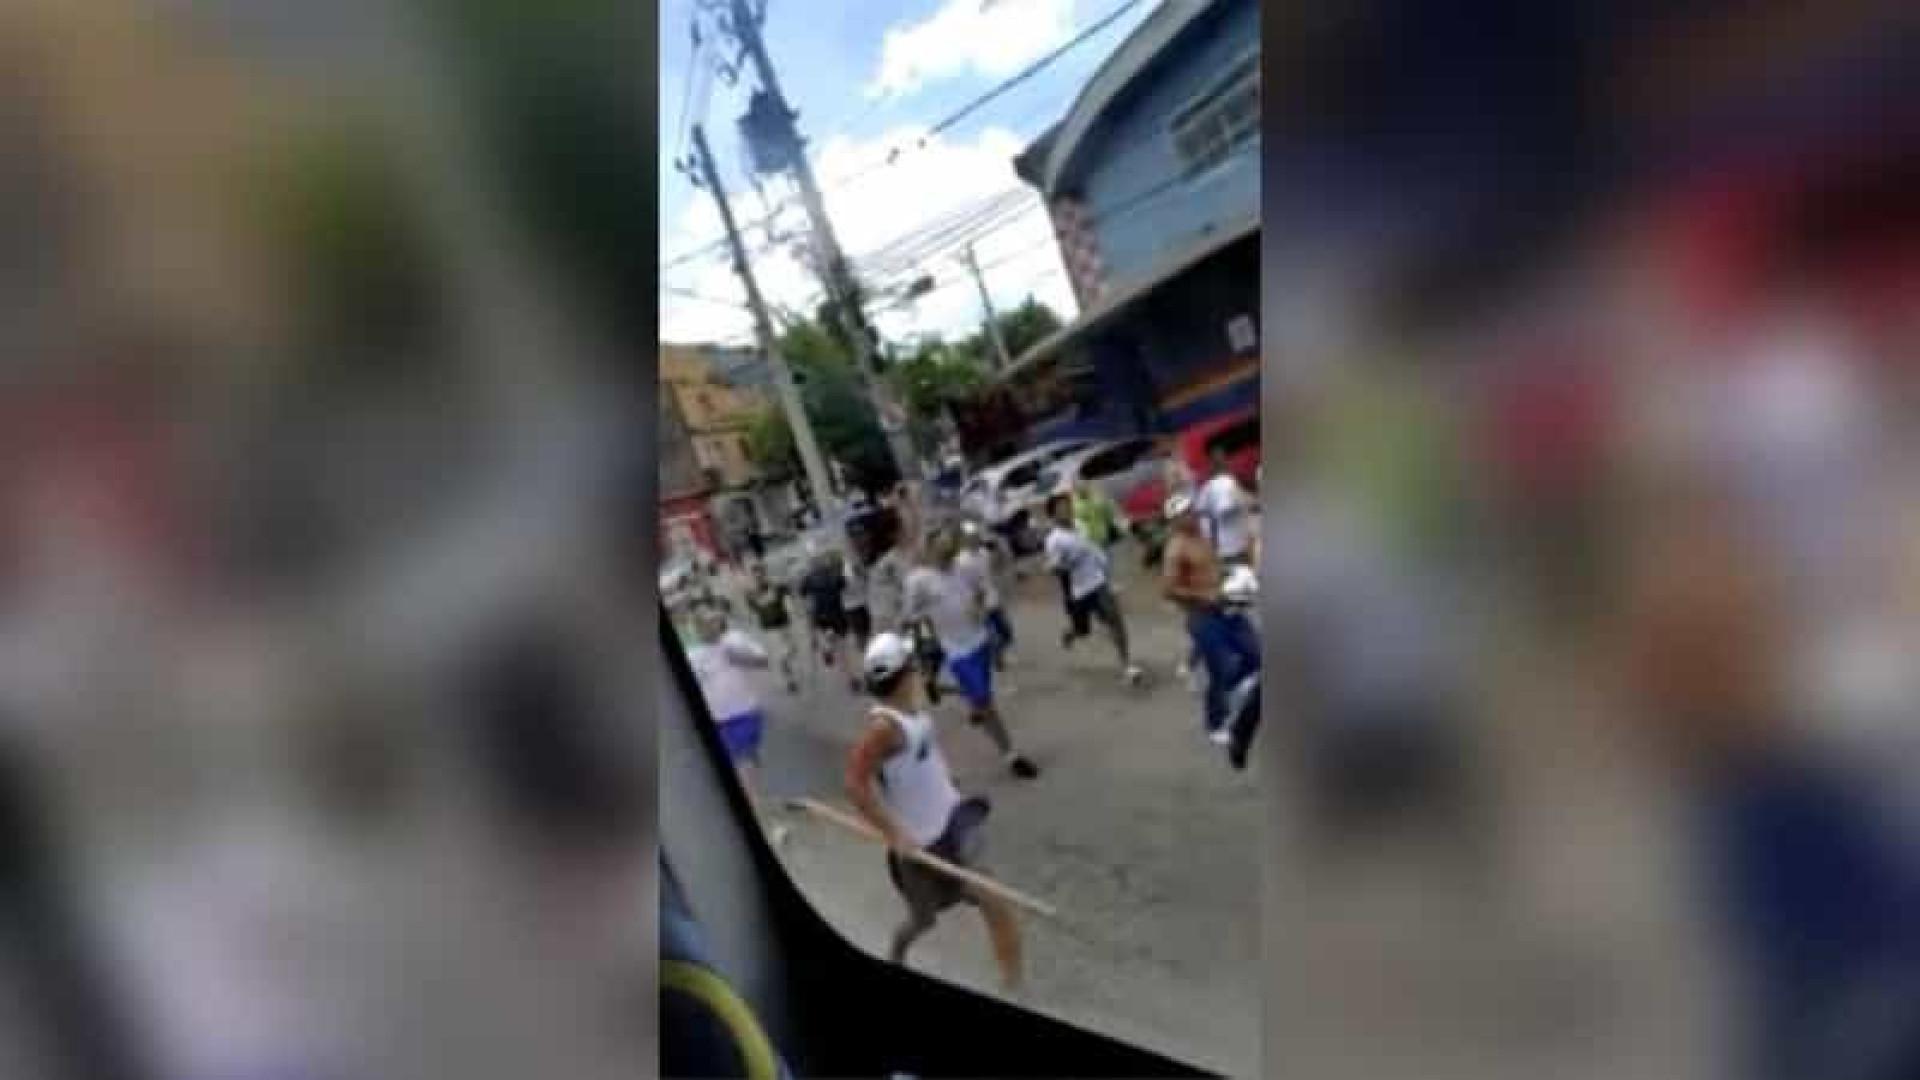 Confronto entre torcedores de Palmeiras e Corinthians deixa um morto em São Paulo